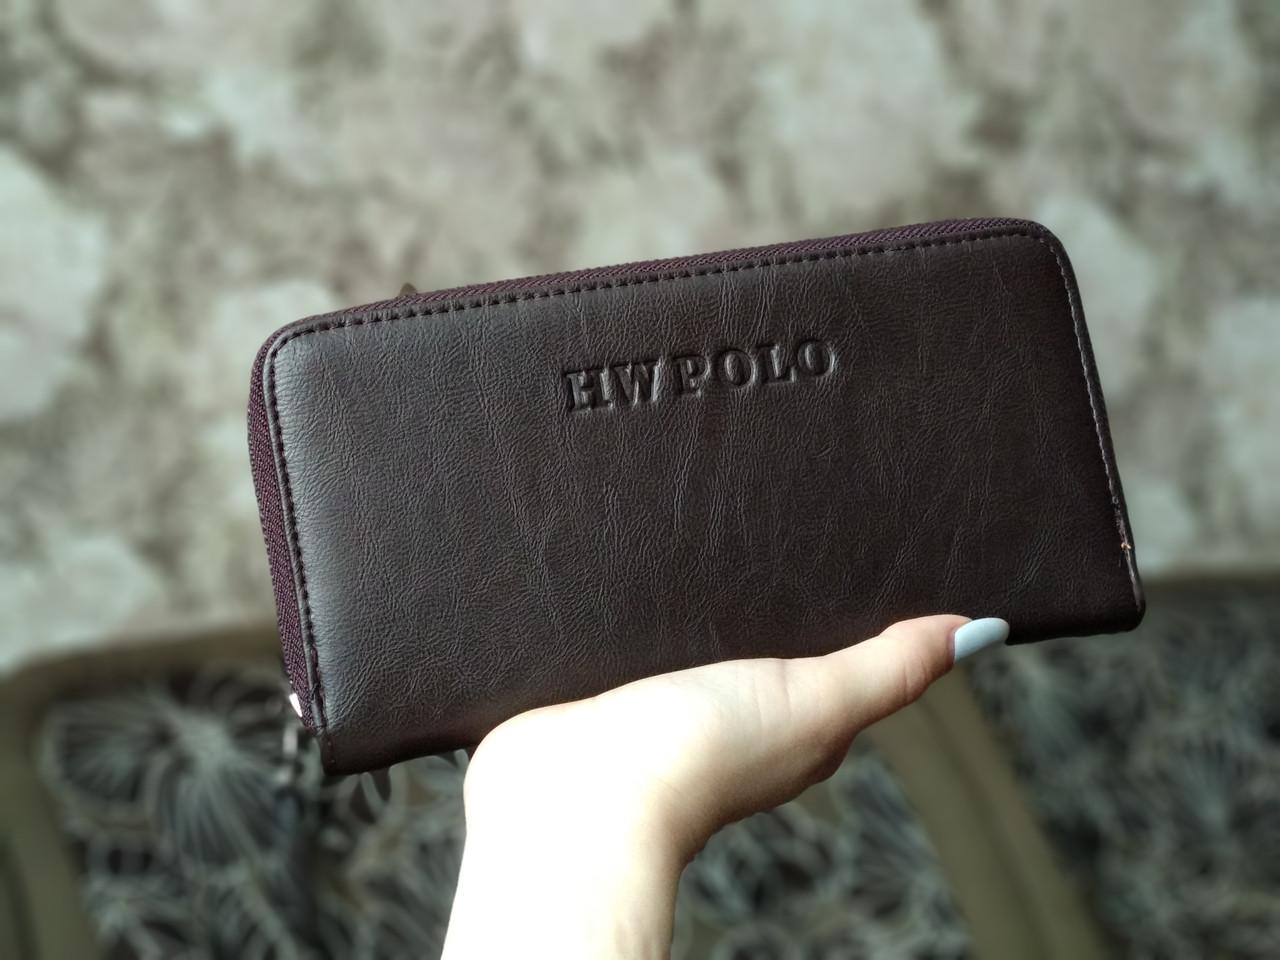 Мужской кошелек/портмоне темно-коричневого цвета